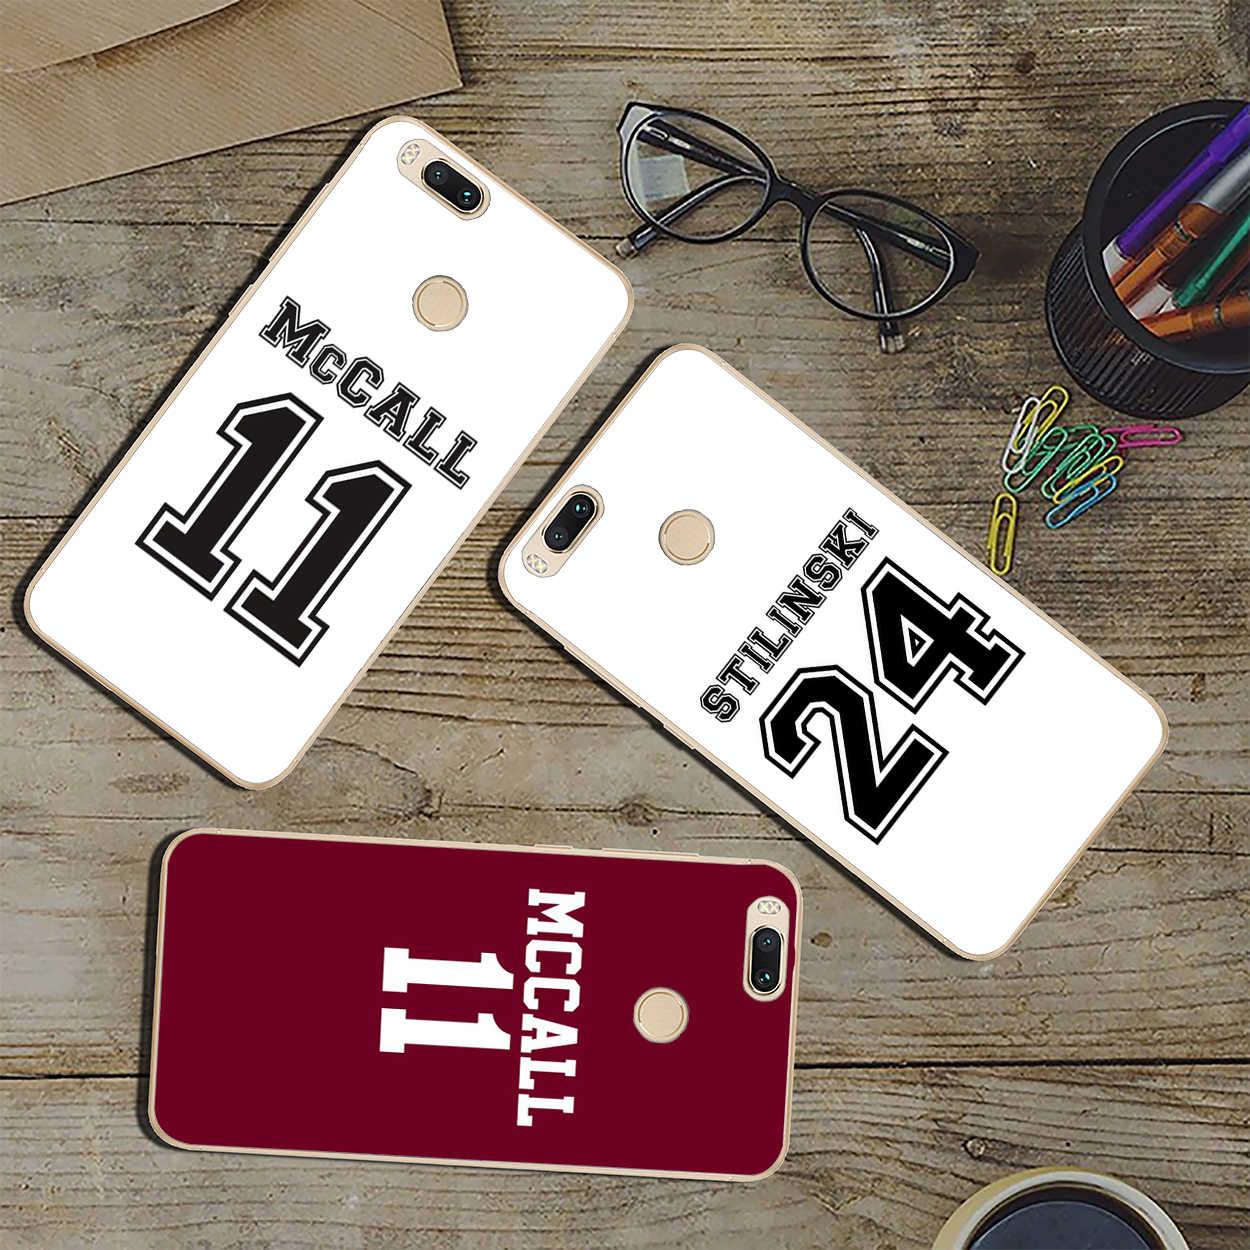 Classique Teen Wolf Scott Mengutip MC Call Phone Case untuk Xiao Mi Mi 10 9 9T CC9 CC9E A3 Pro 8 Se A2 Lite A1 Pocophone F1 6 Mi 10